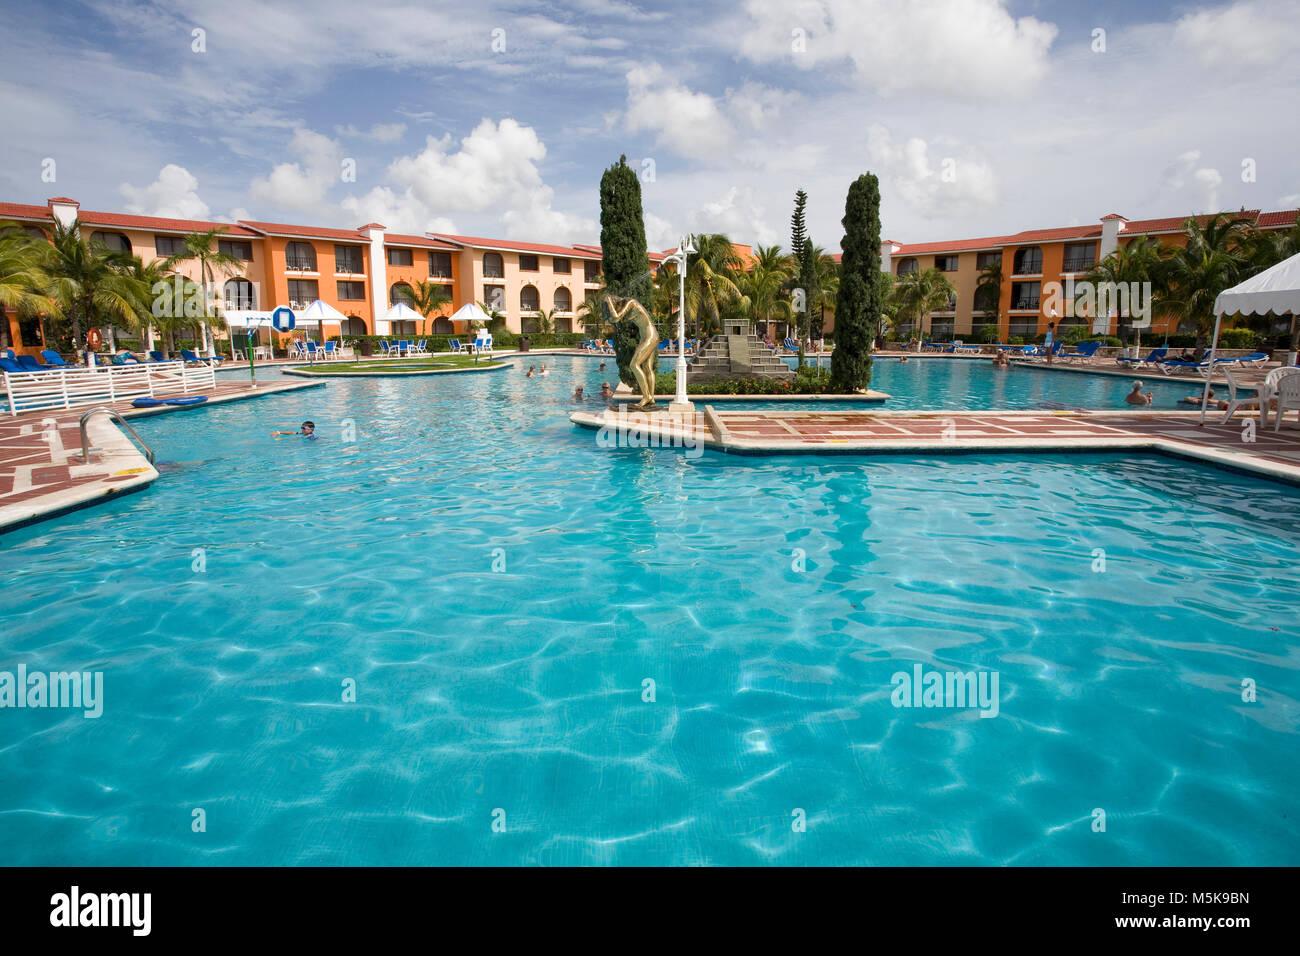 Pool-Landschaft im Hotel Cozumel Cozumel, Mexiko, Karibik | Pool im Hotel Cozumel Cozumel, Mexiko, der Karibik Stockbild